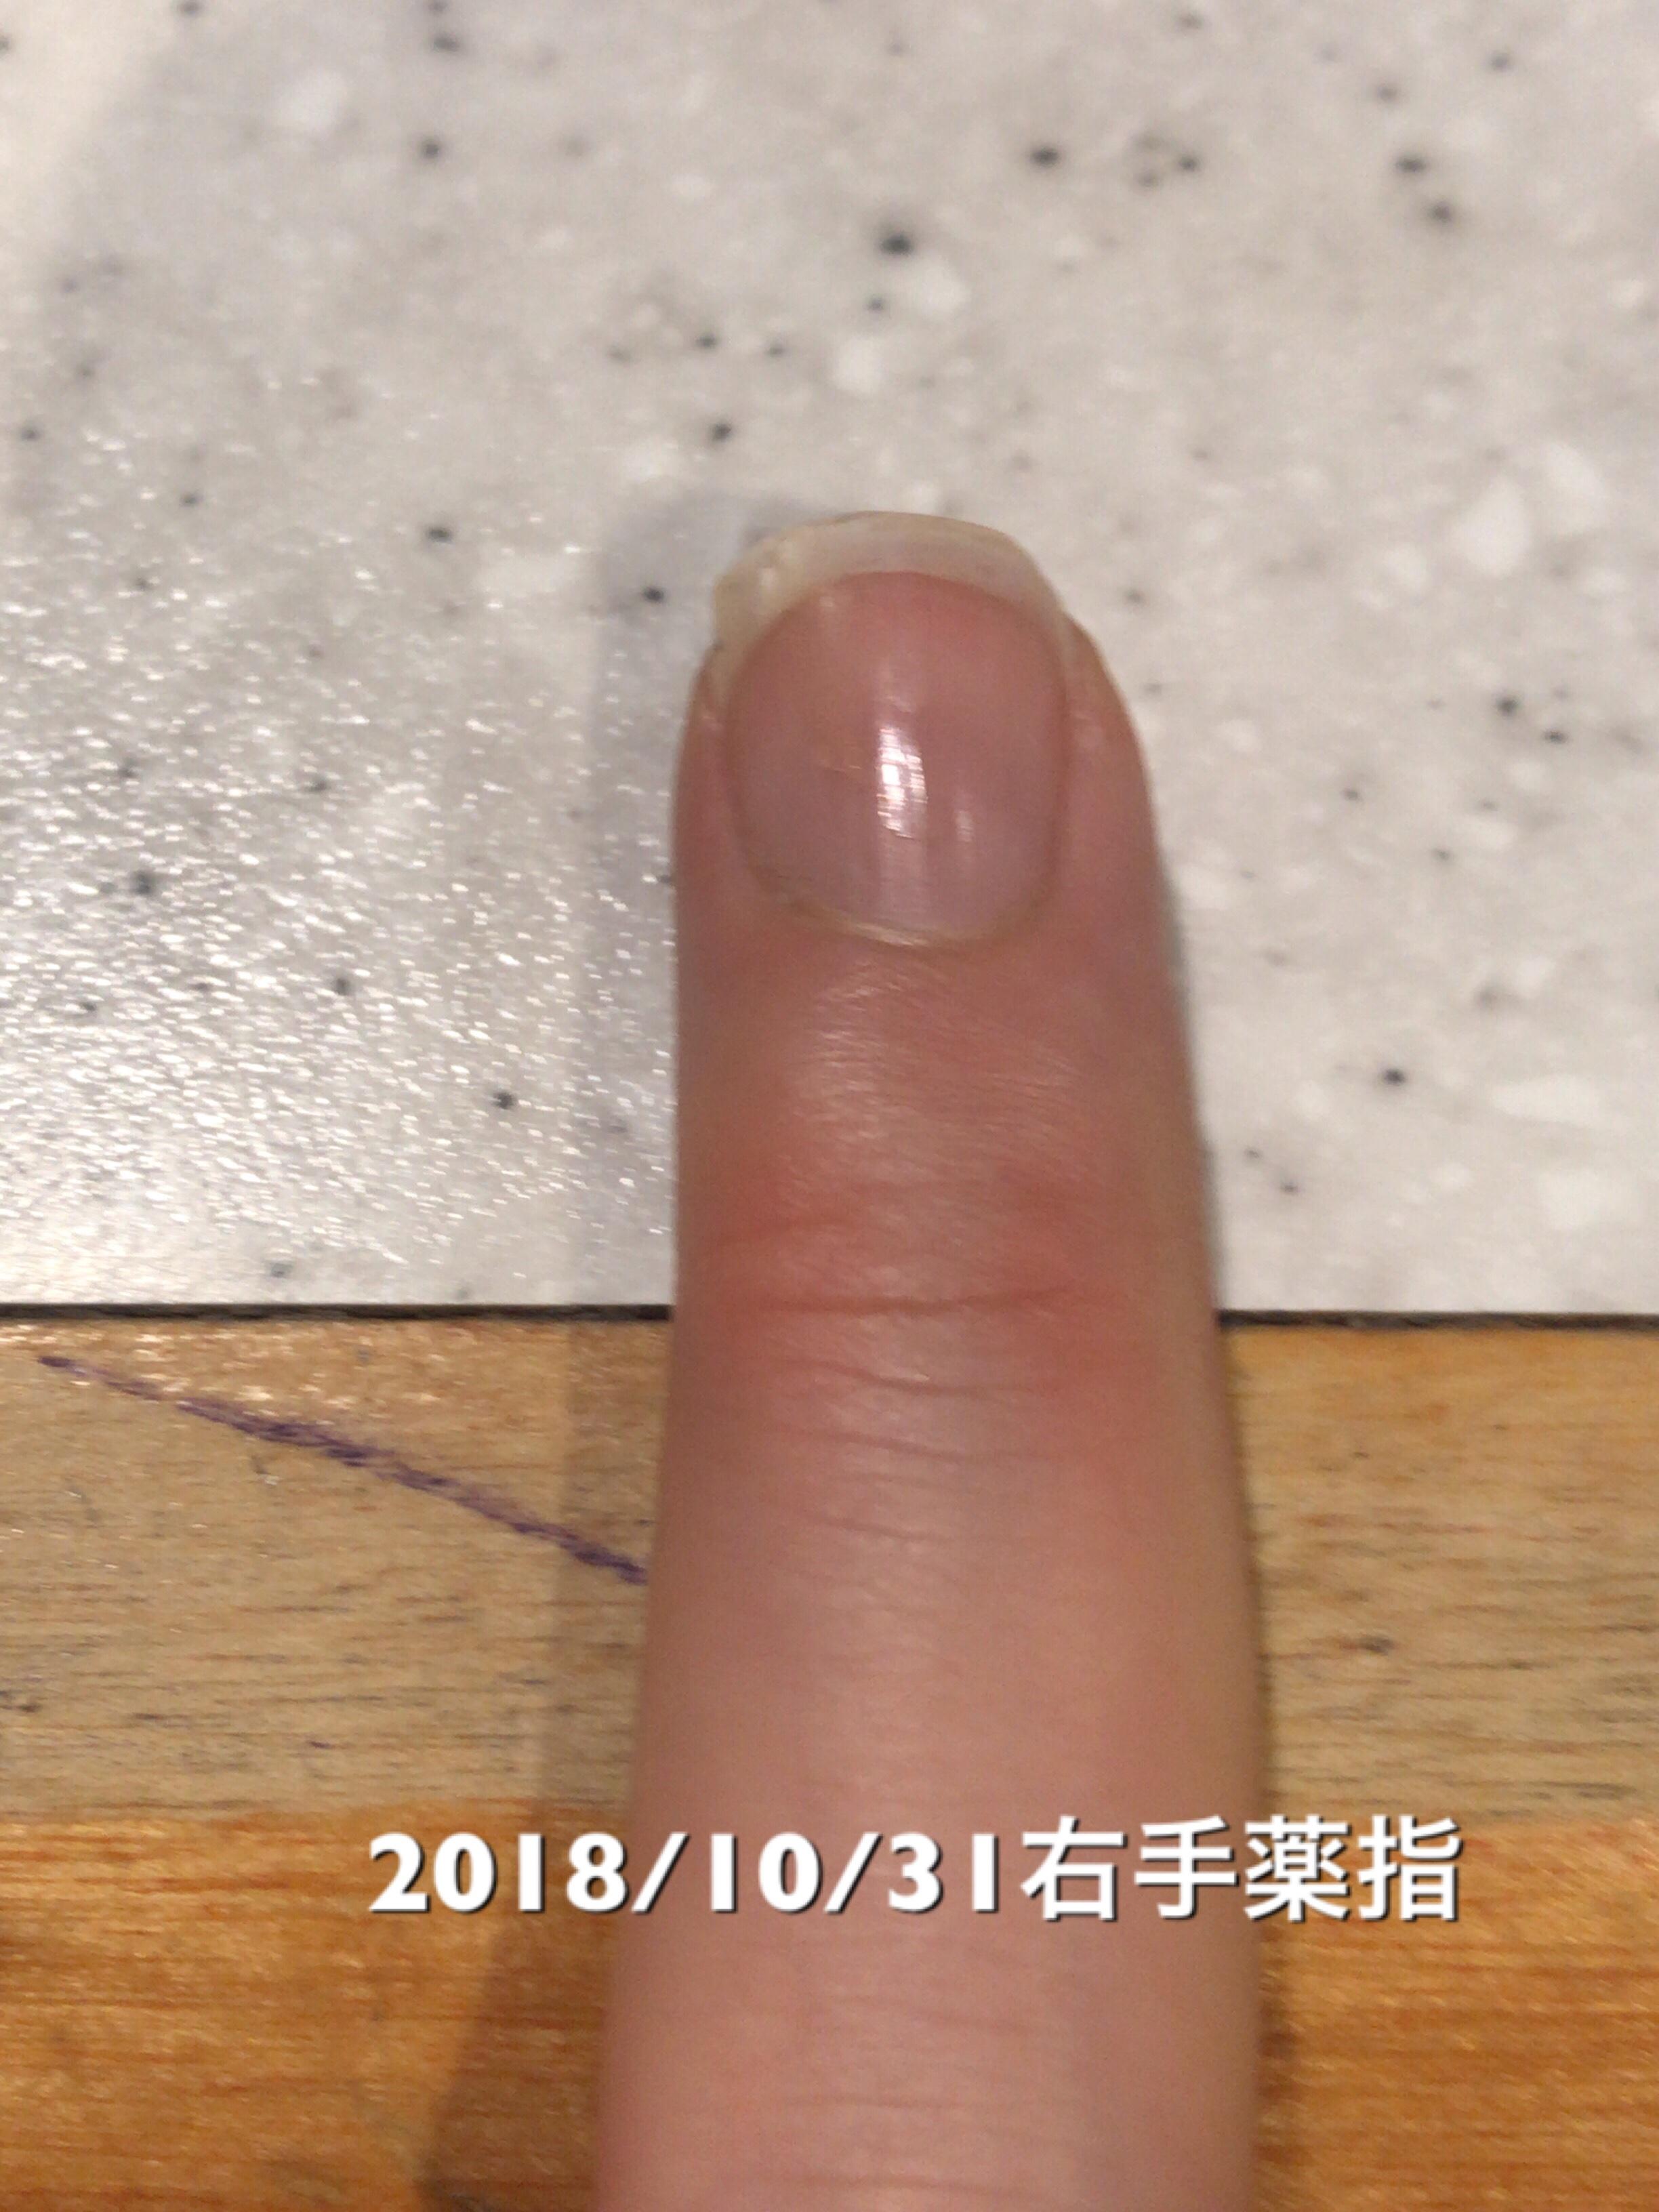 右手薬指は今回は変化なし。